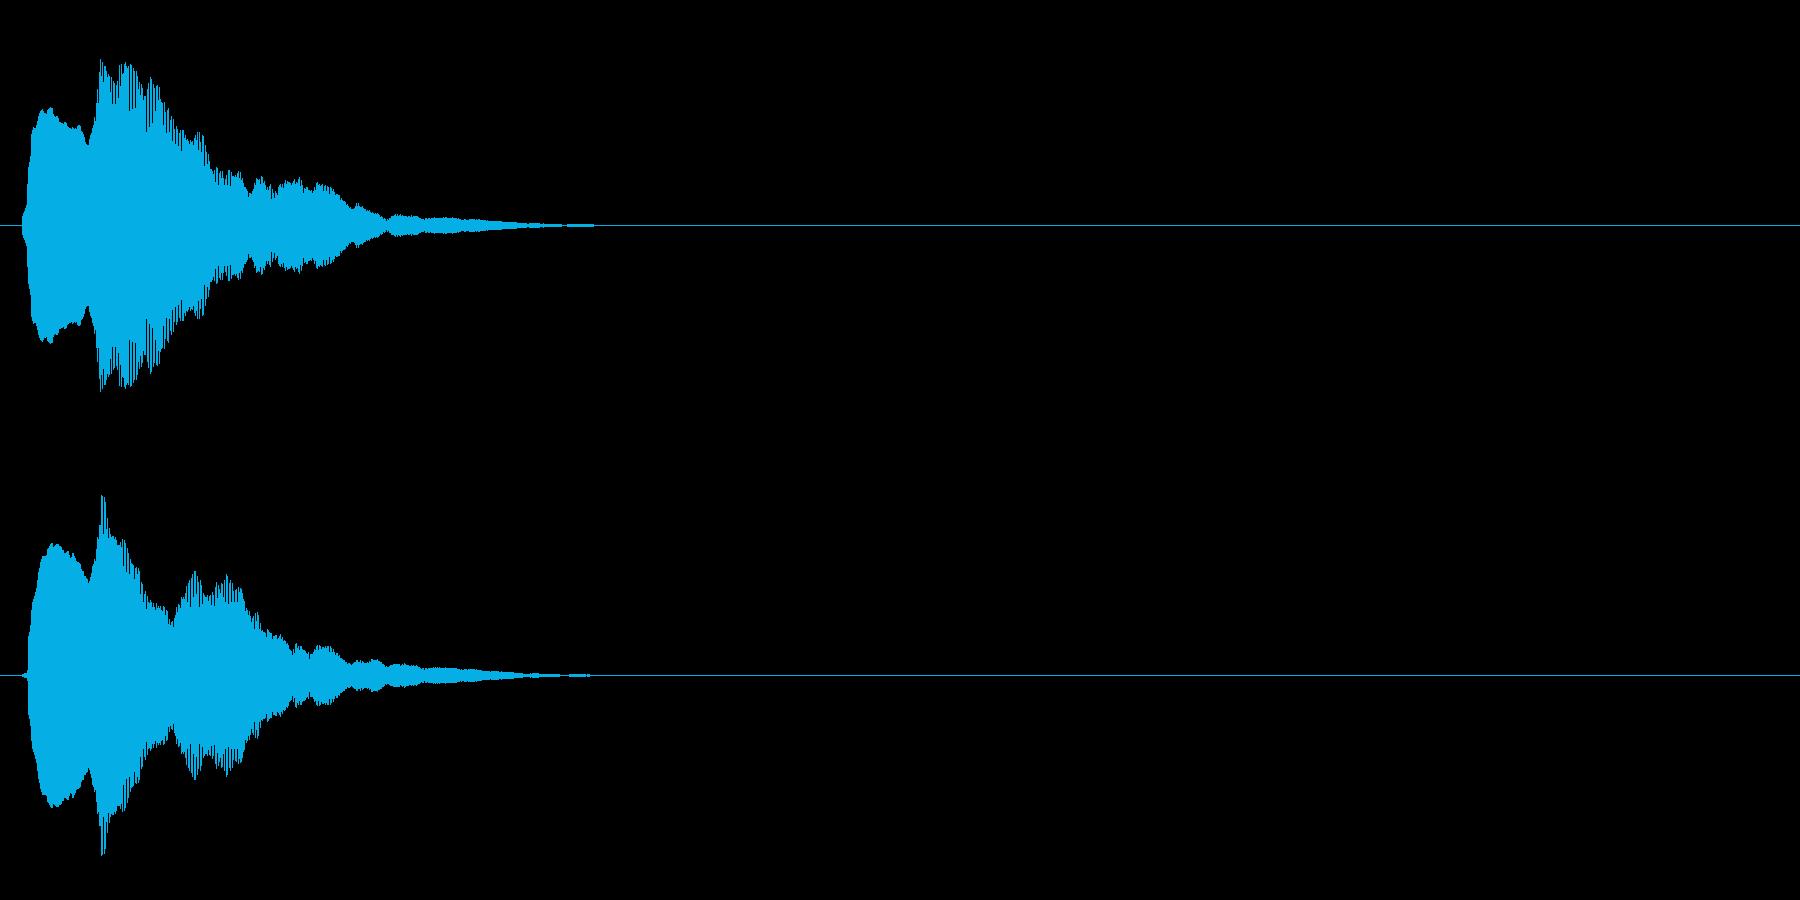 汎用 キラキラ系02(小) キャンセル音の再生済みの波形